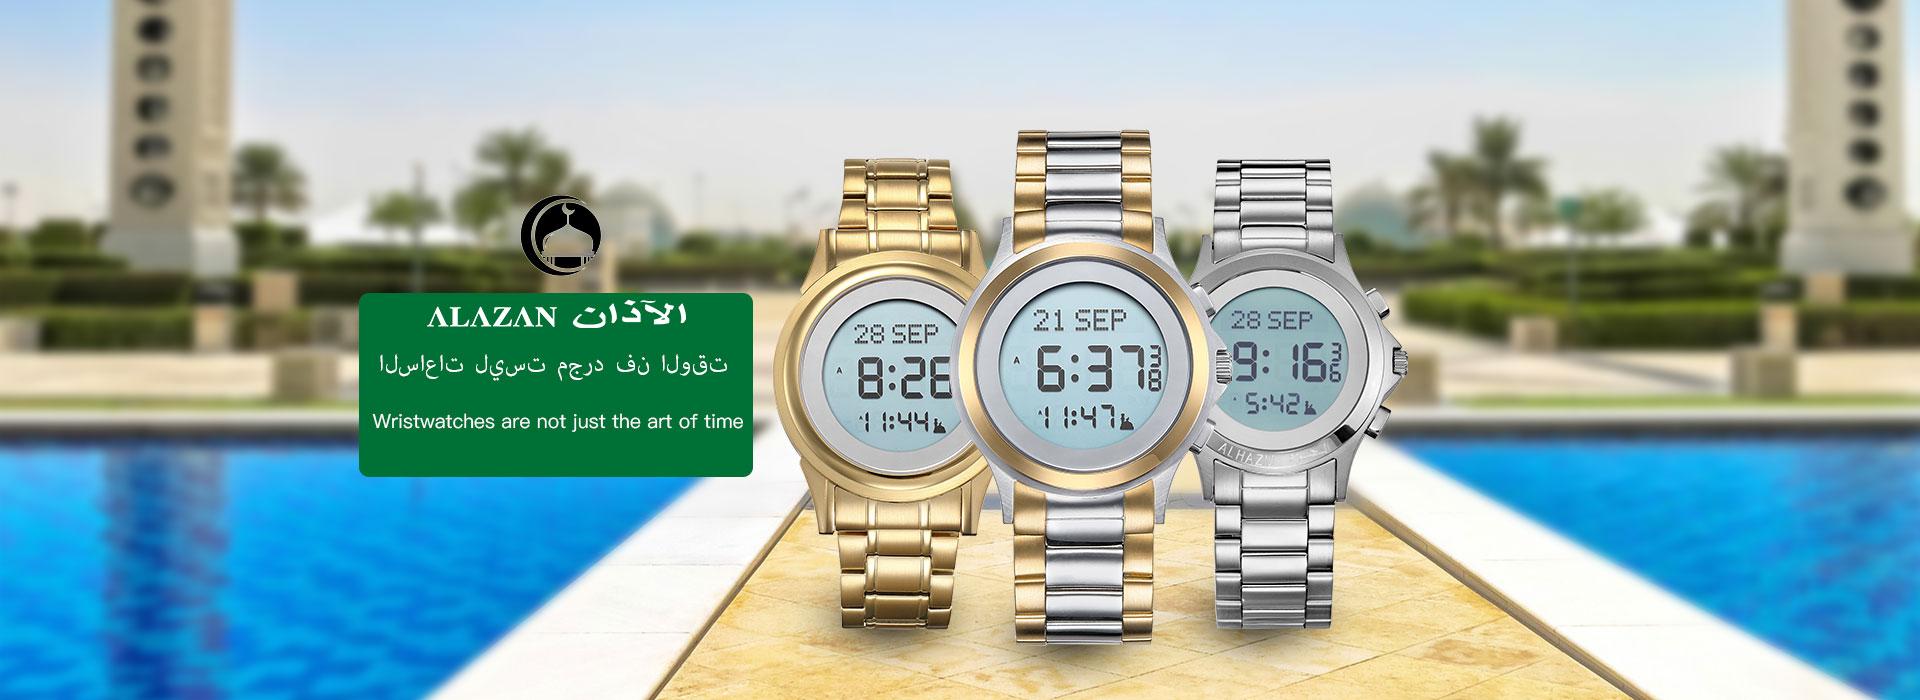 moslim Watch